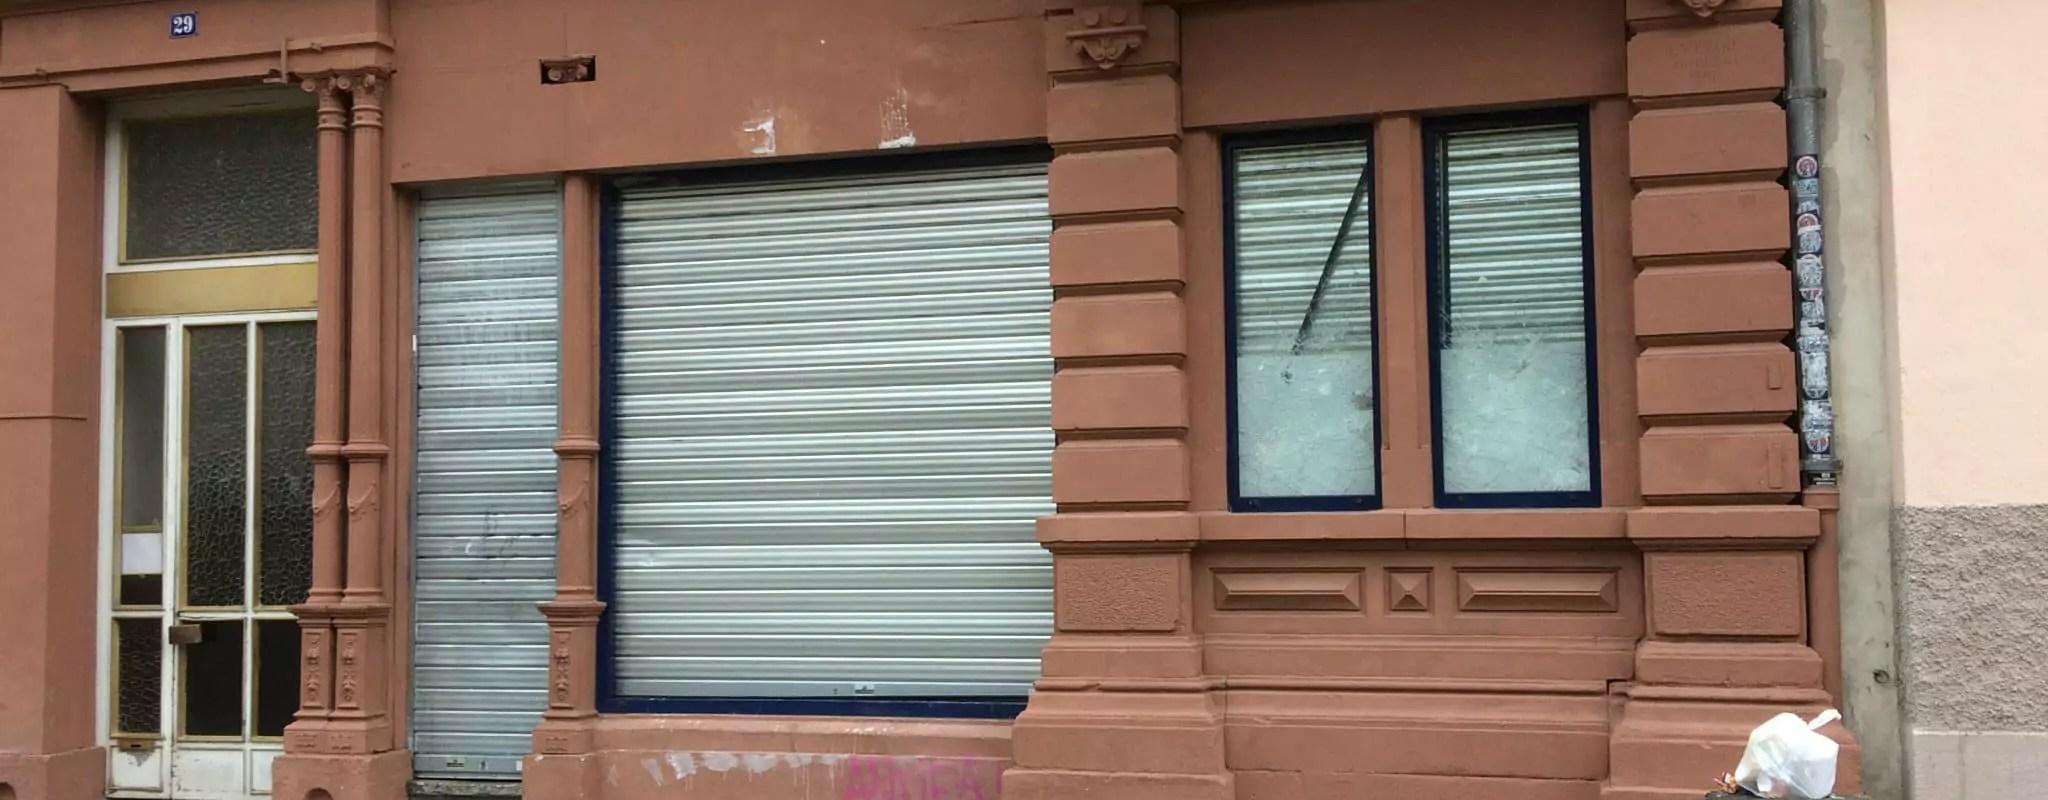 Le Bastion social doit quitter le local du 29 rue Vauban